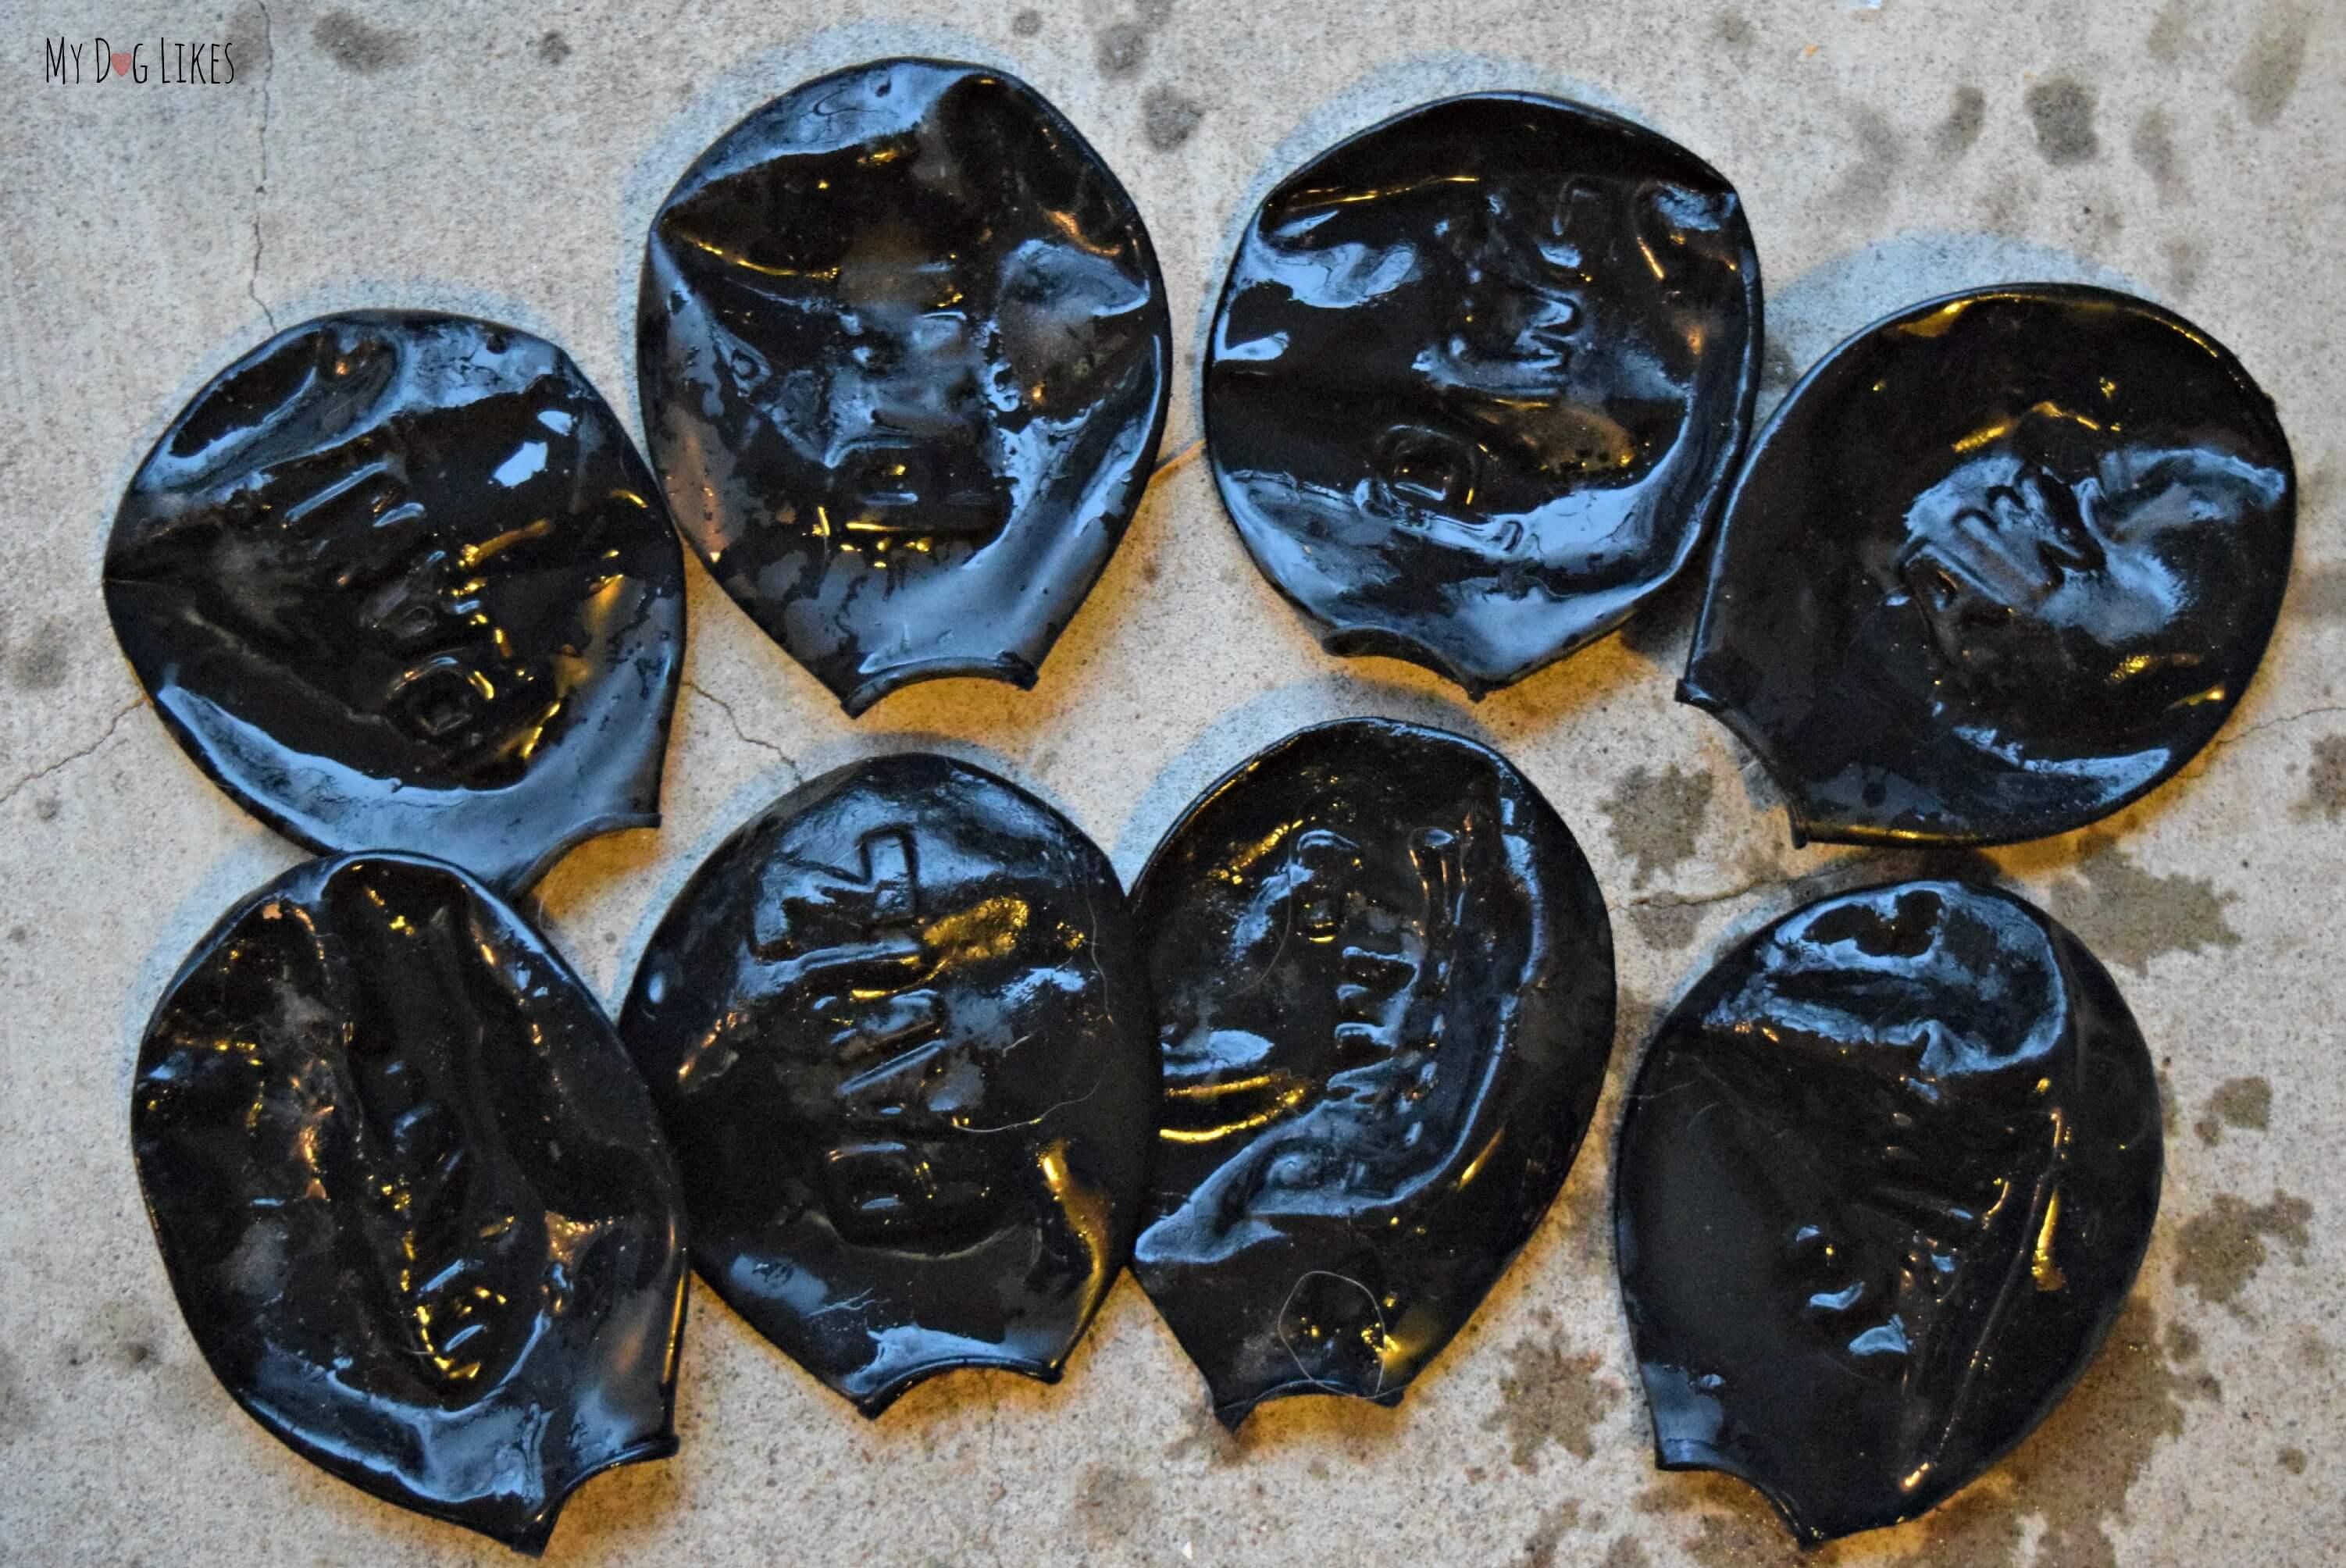 Slippers For Dogs On Hardwood Floor Wood Floors - Dog shoes for hardwood floors